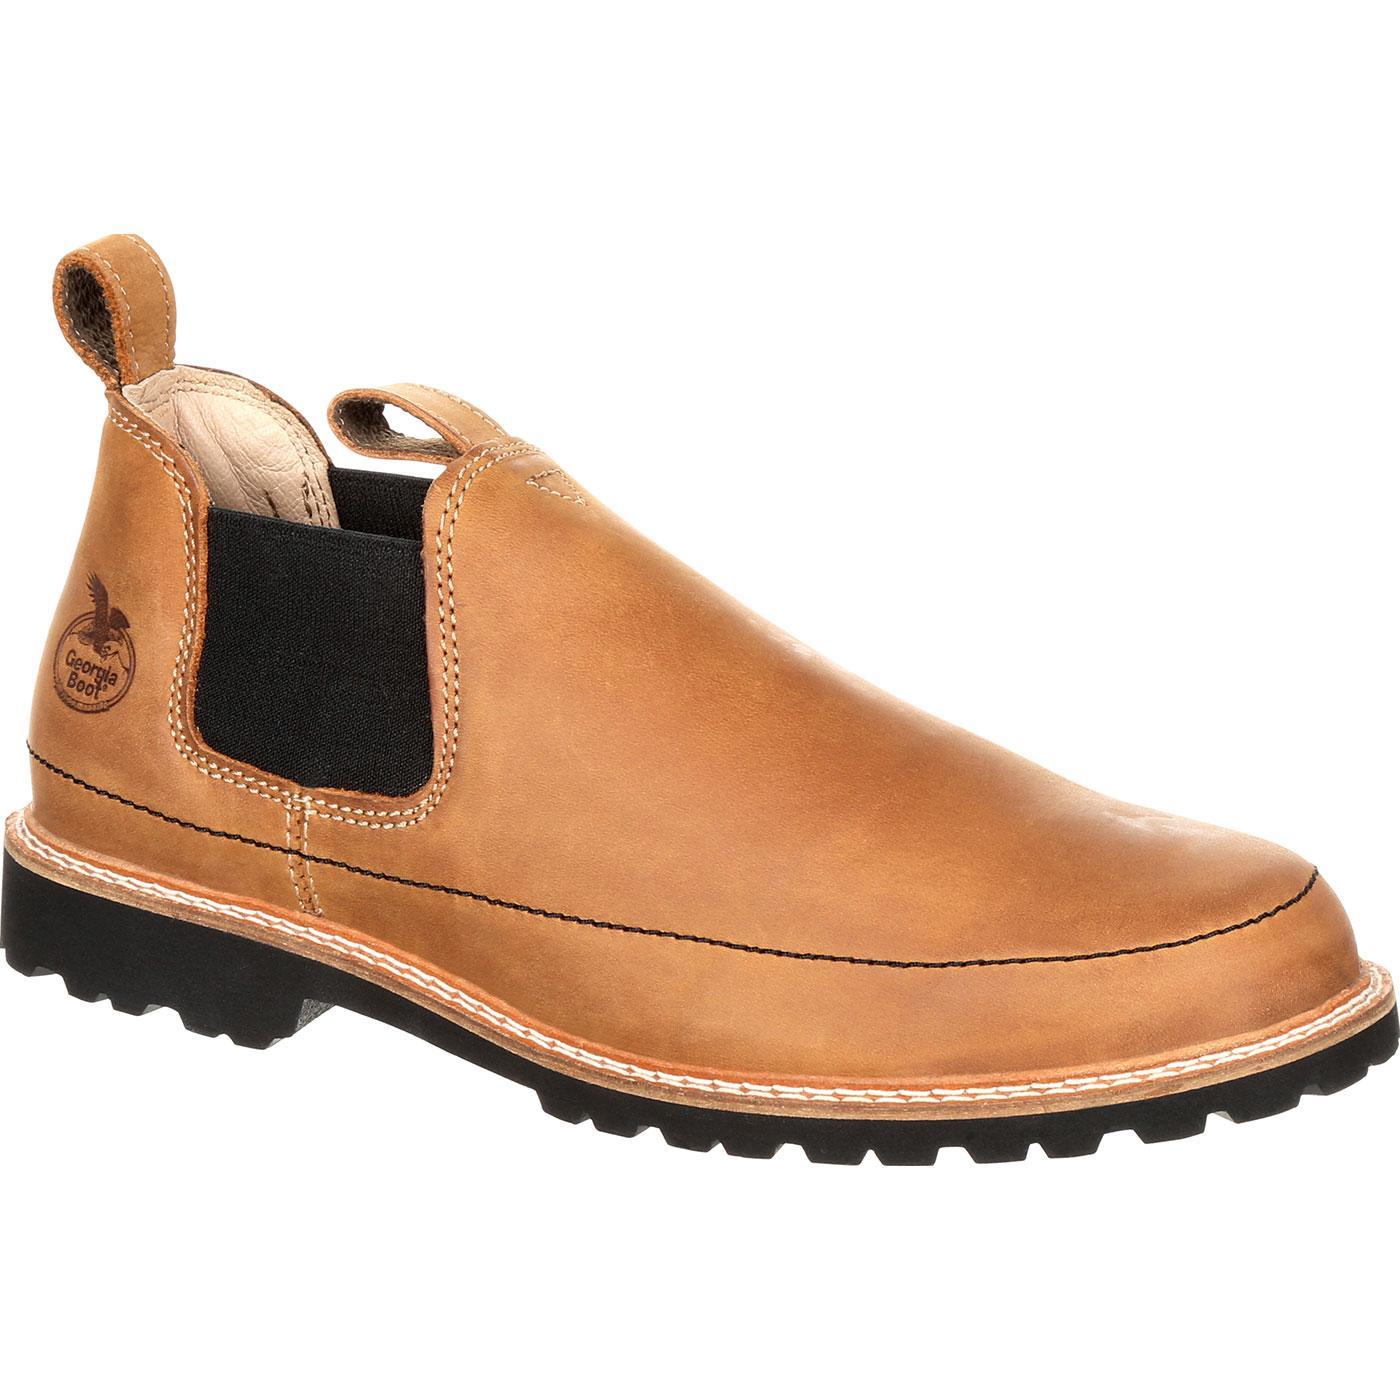 Keen Slip On Insulated Shoe Wide Width Men S Utility